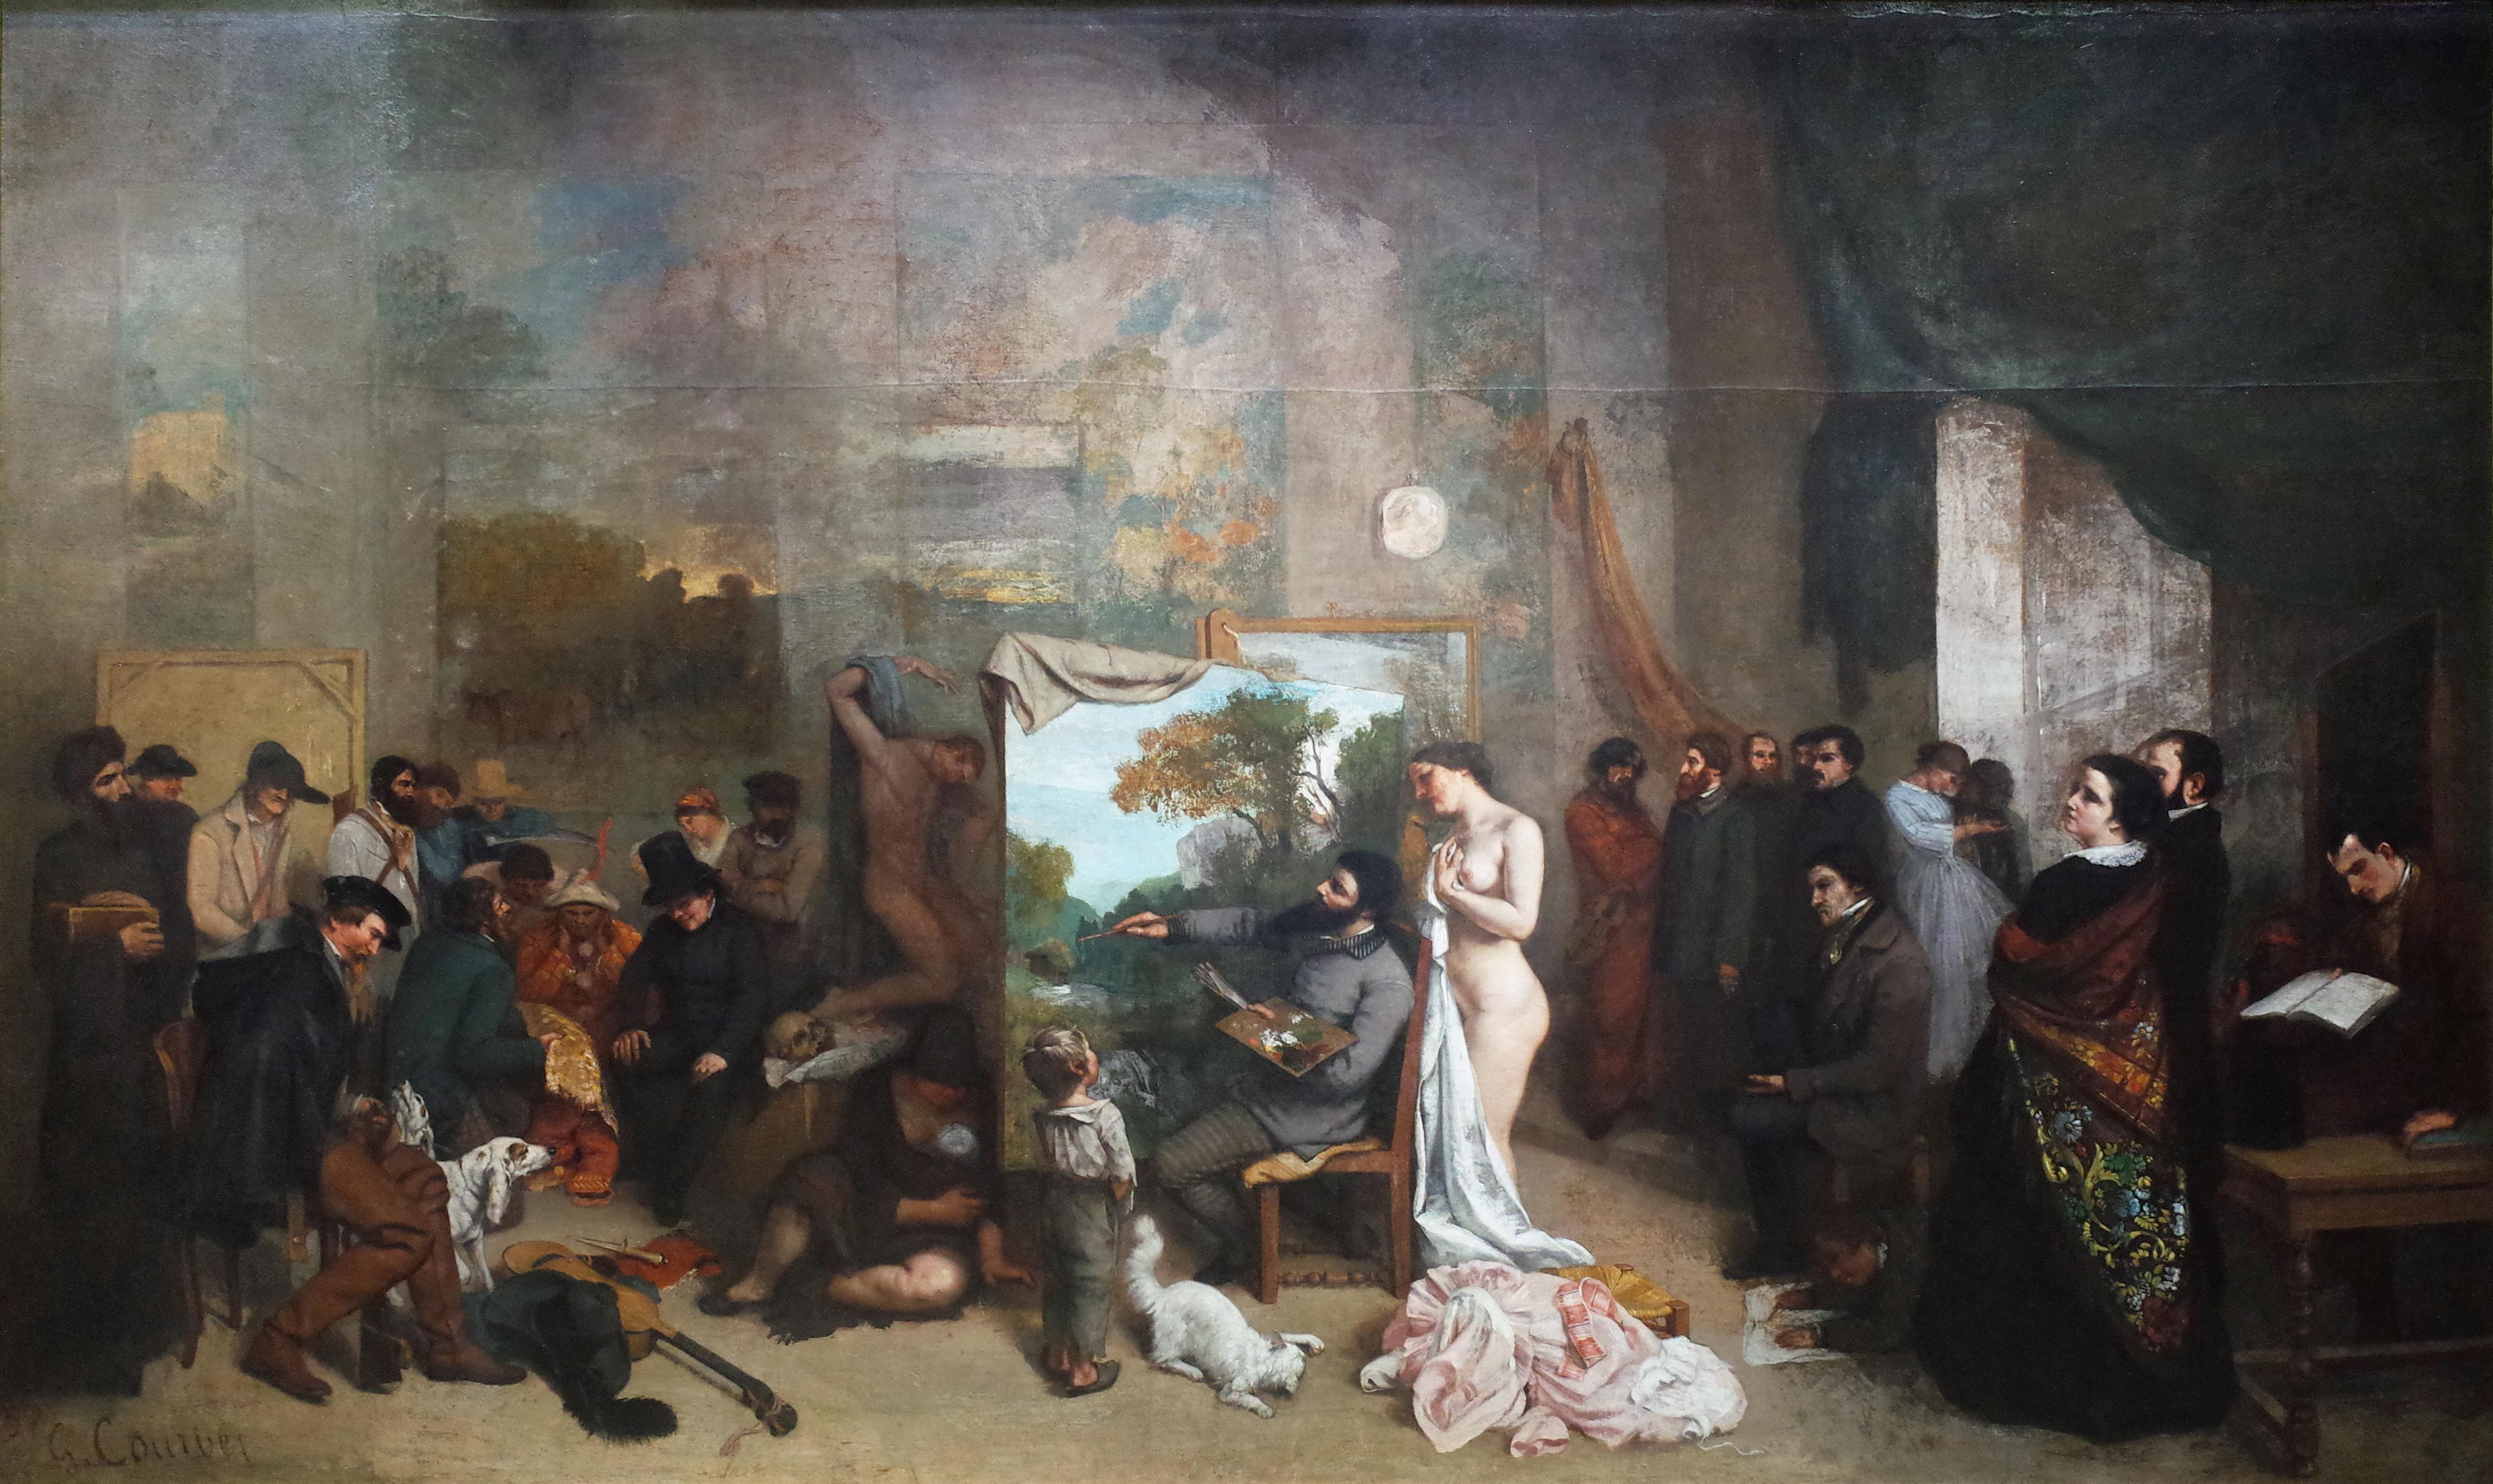 Tenue D Artiste Peintre l'atelier du peintre